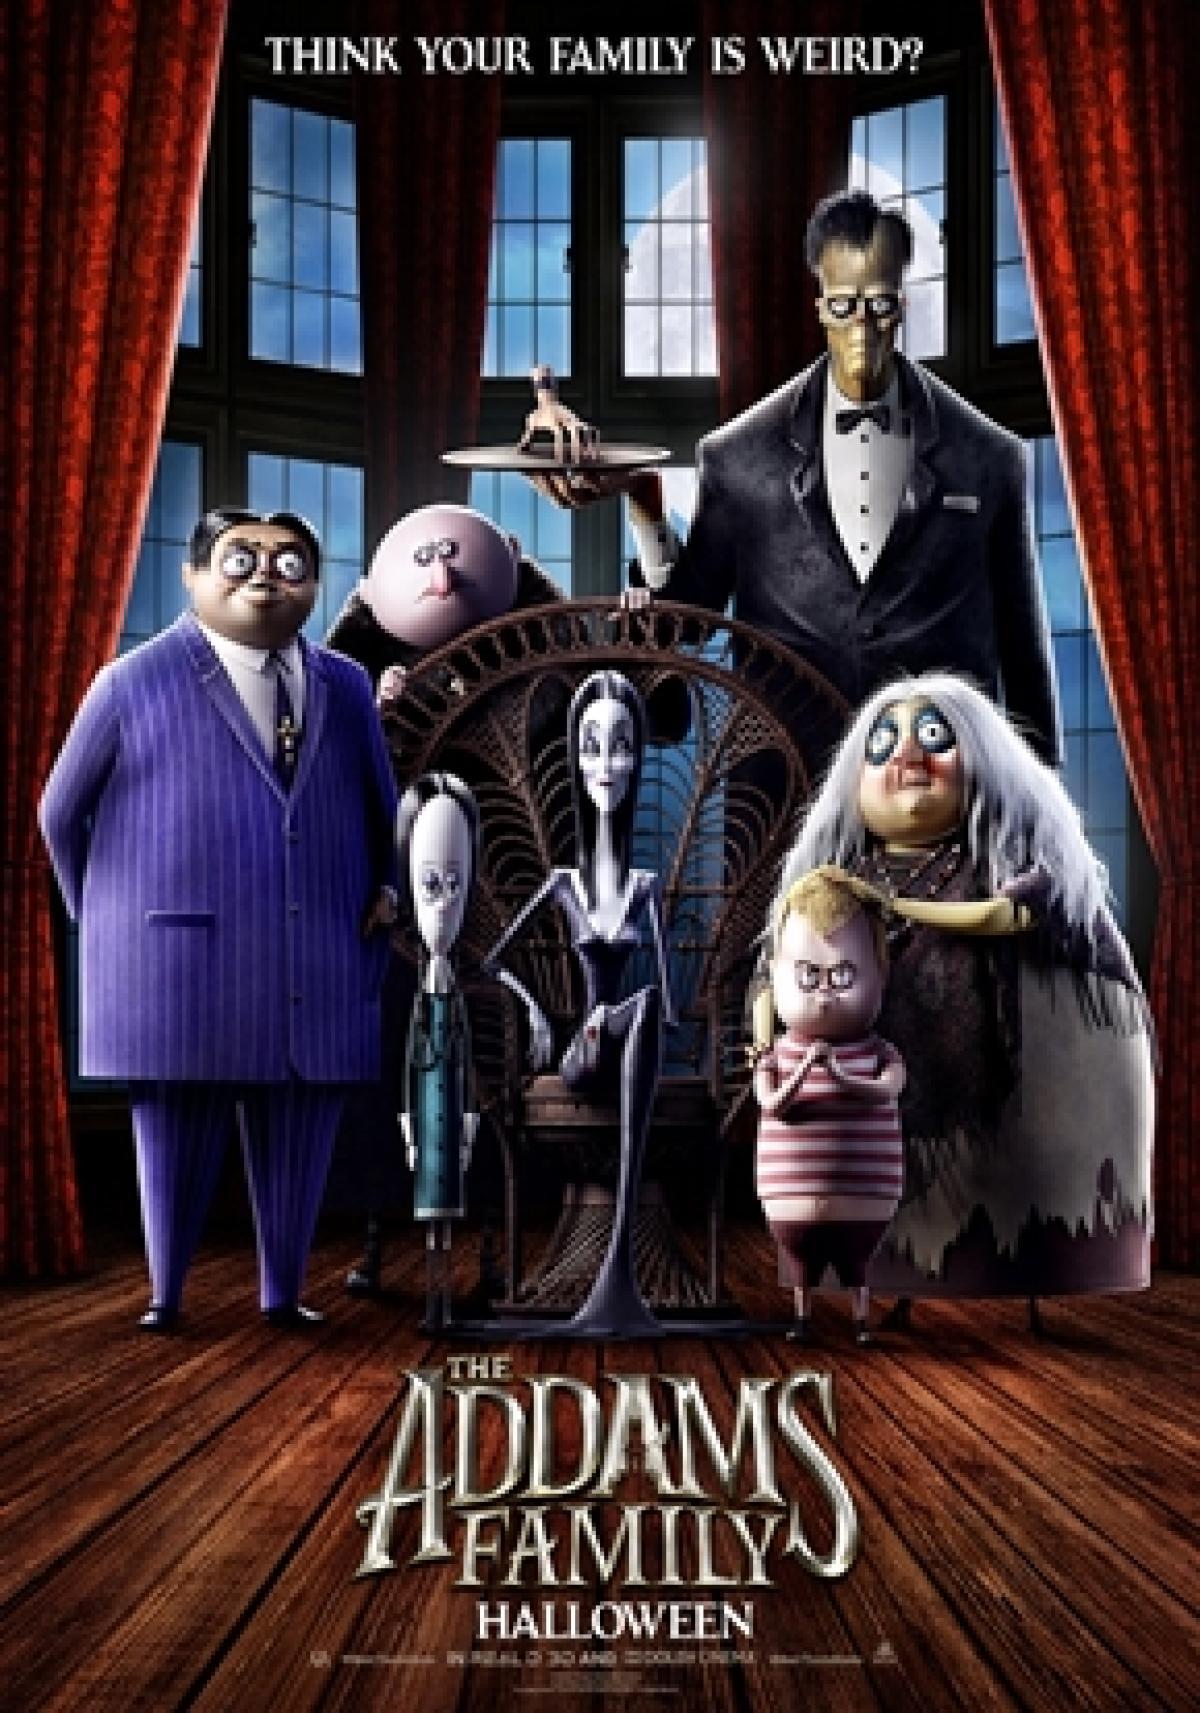 La Familia Addams 2019 Criticas Noticias Novedades Y Opiniones Peliculas En Hobbyconsolas